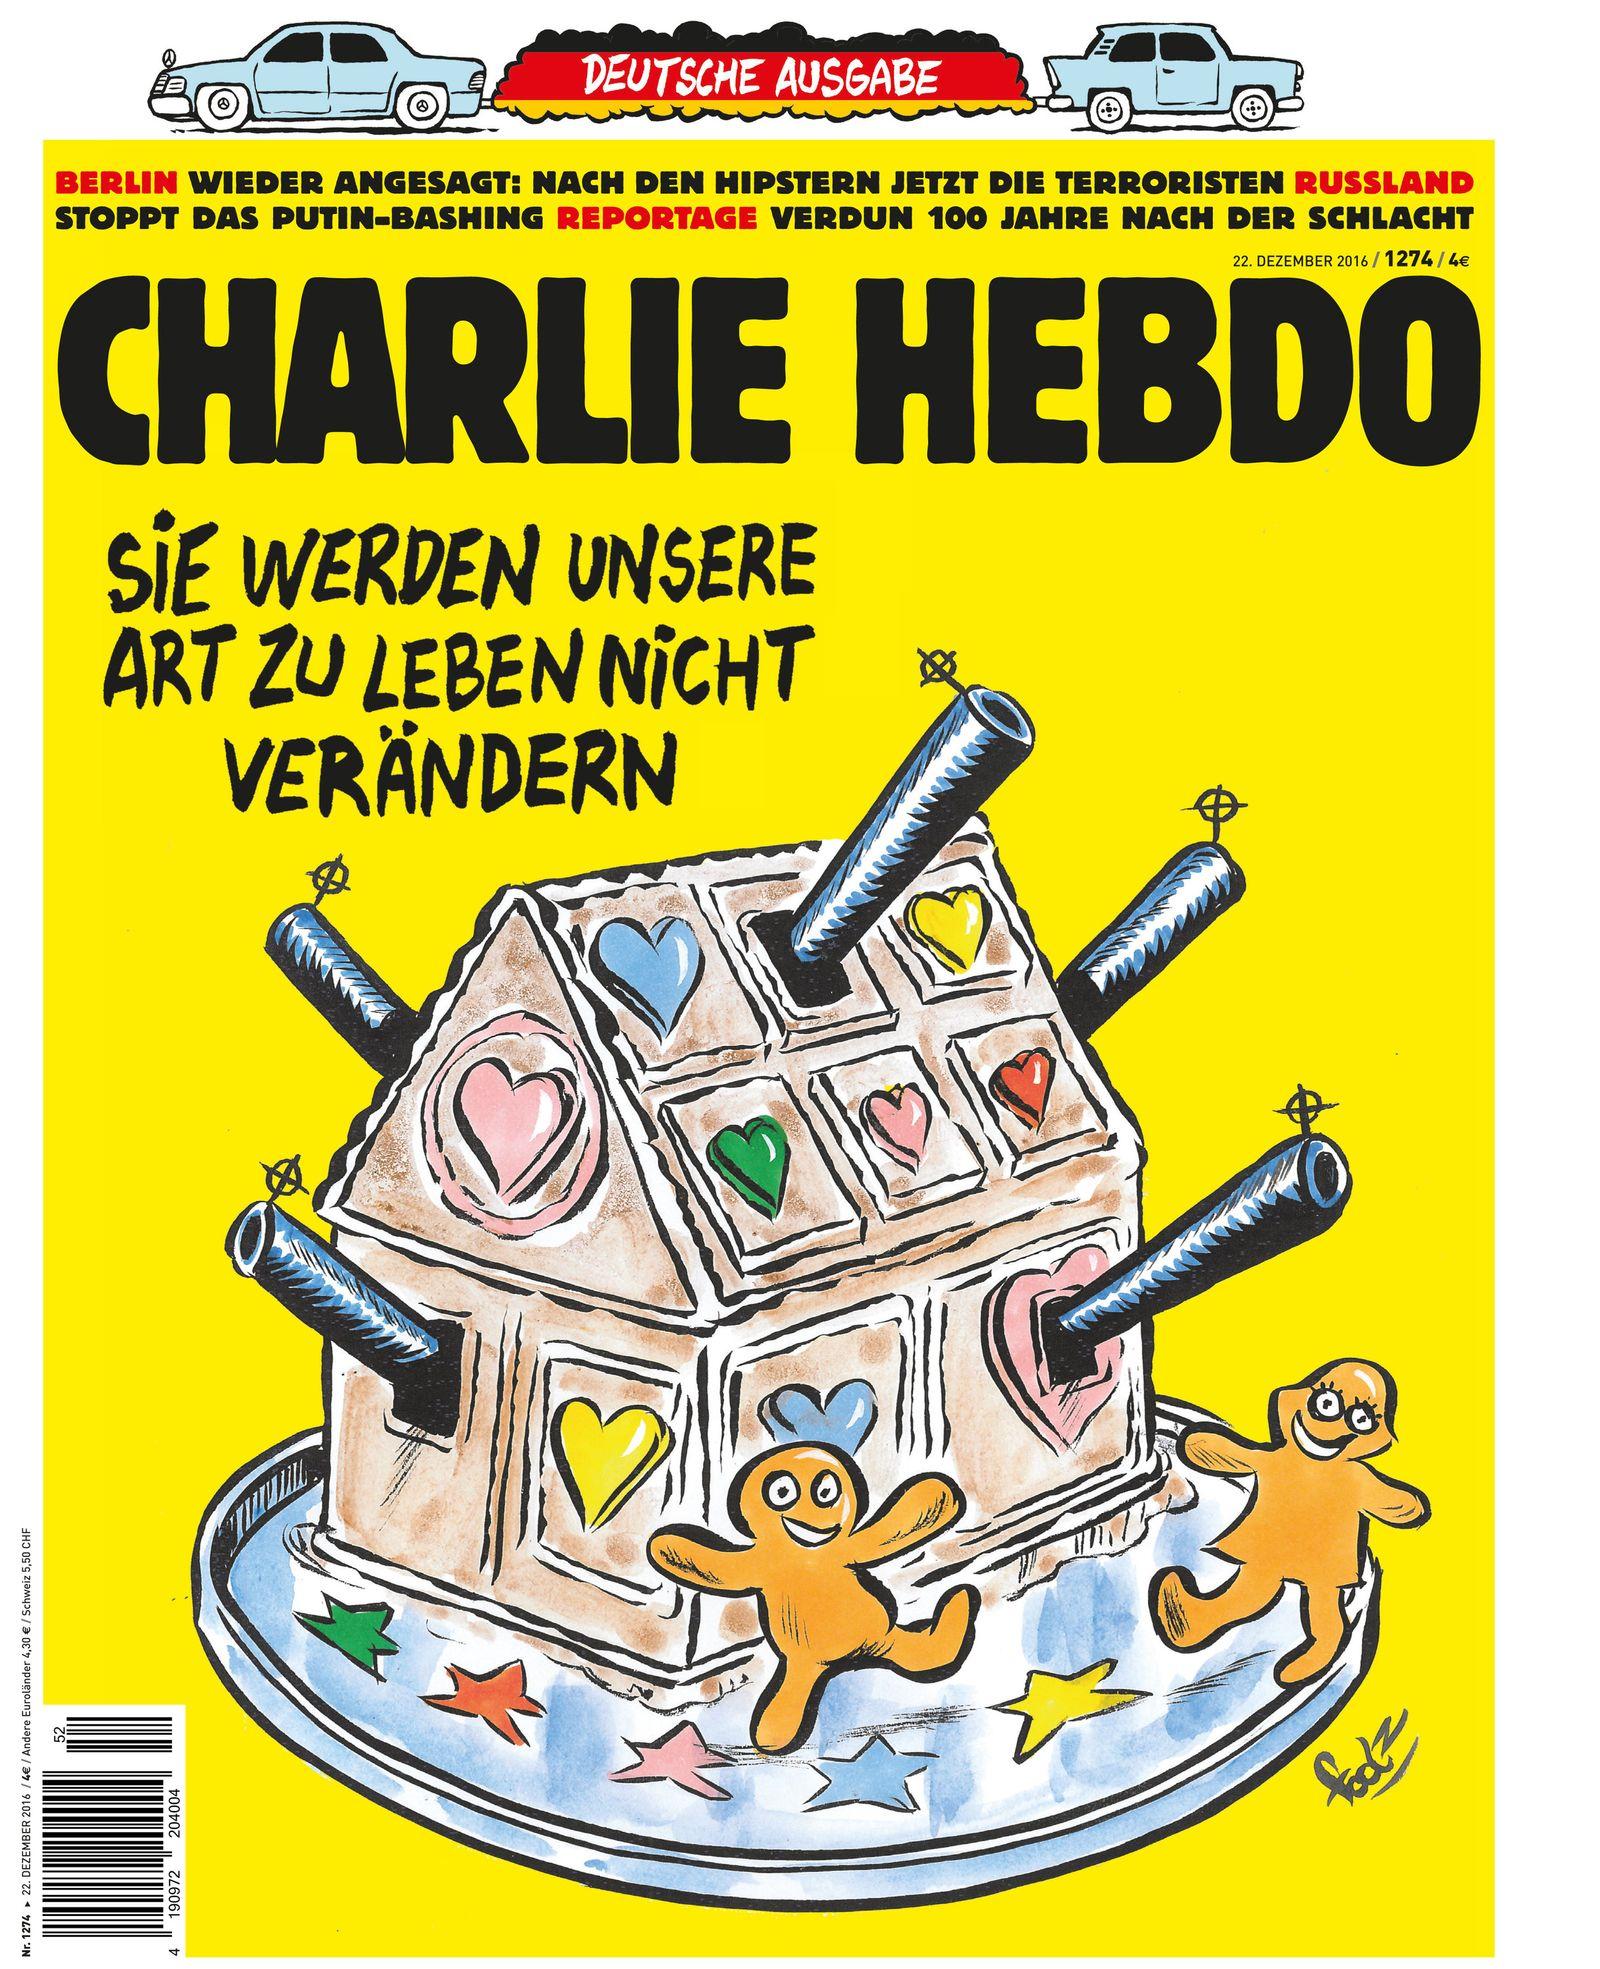 «Charlie Hebdo» macht mit Berliner Terroranschlag auf